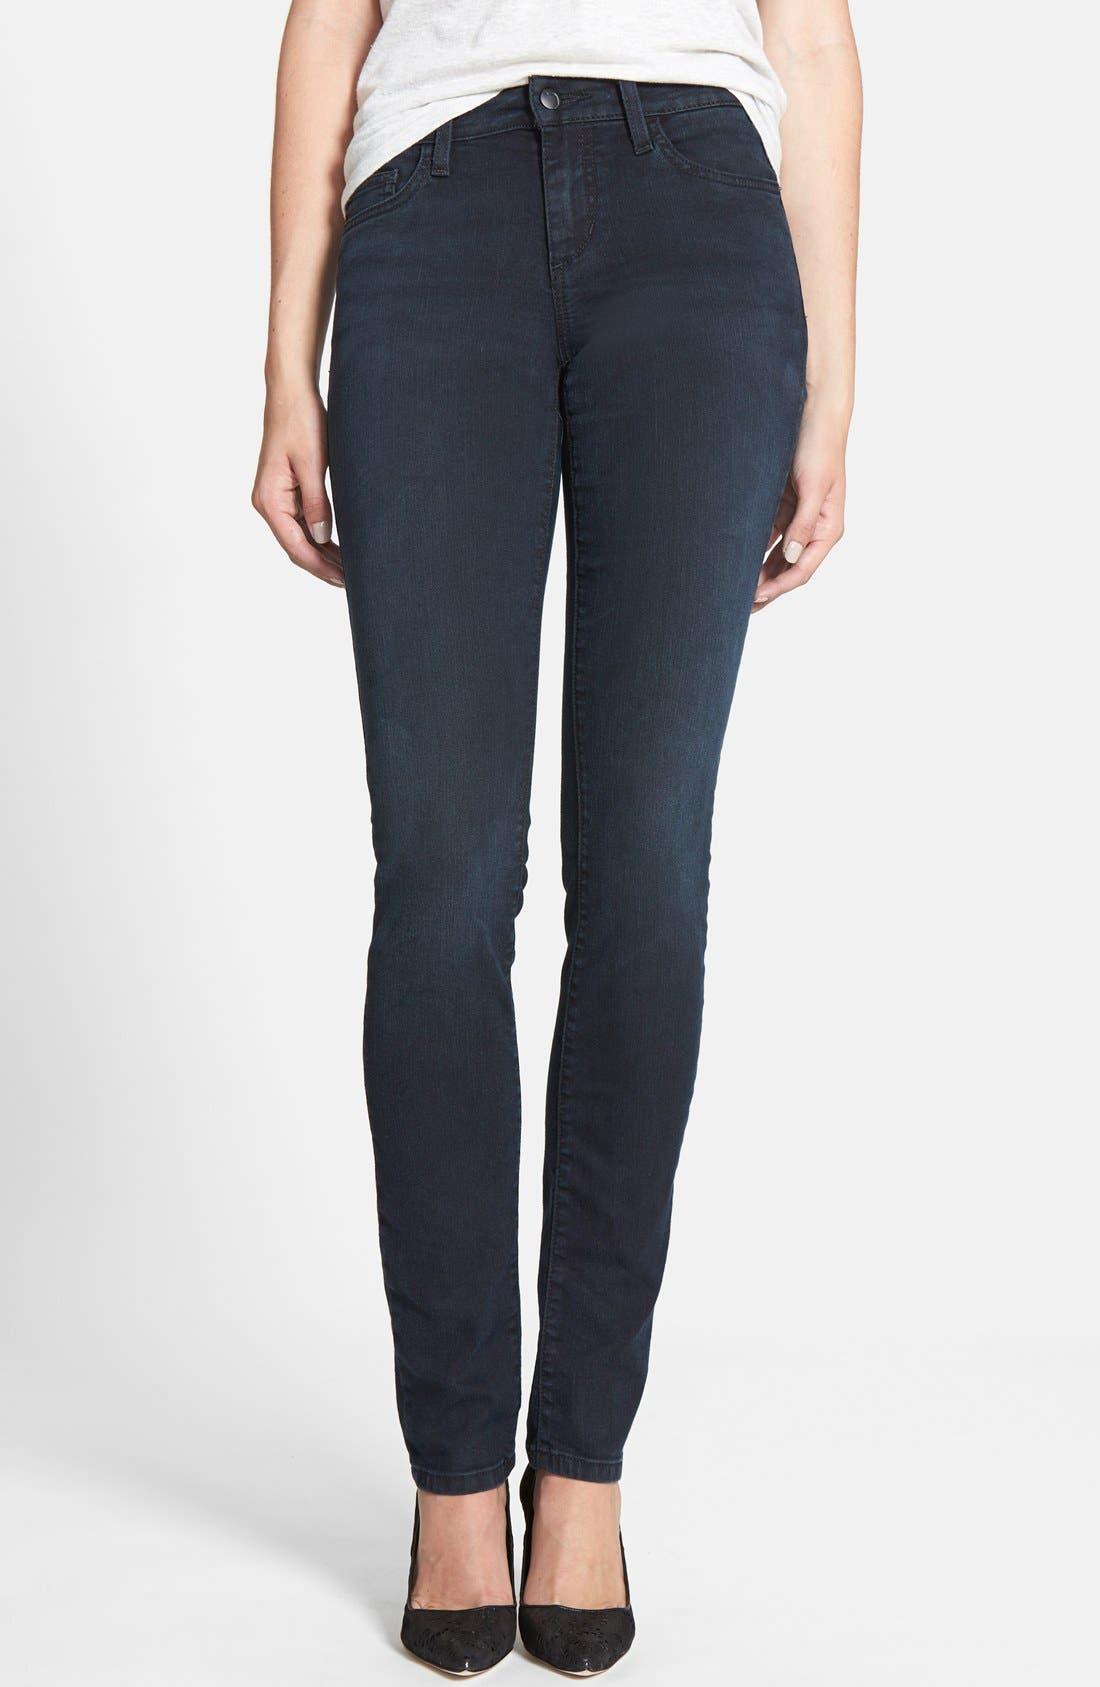 Main Image - Joe's Curvy Skinny Jeans (Ava)